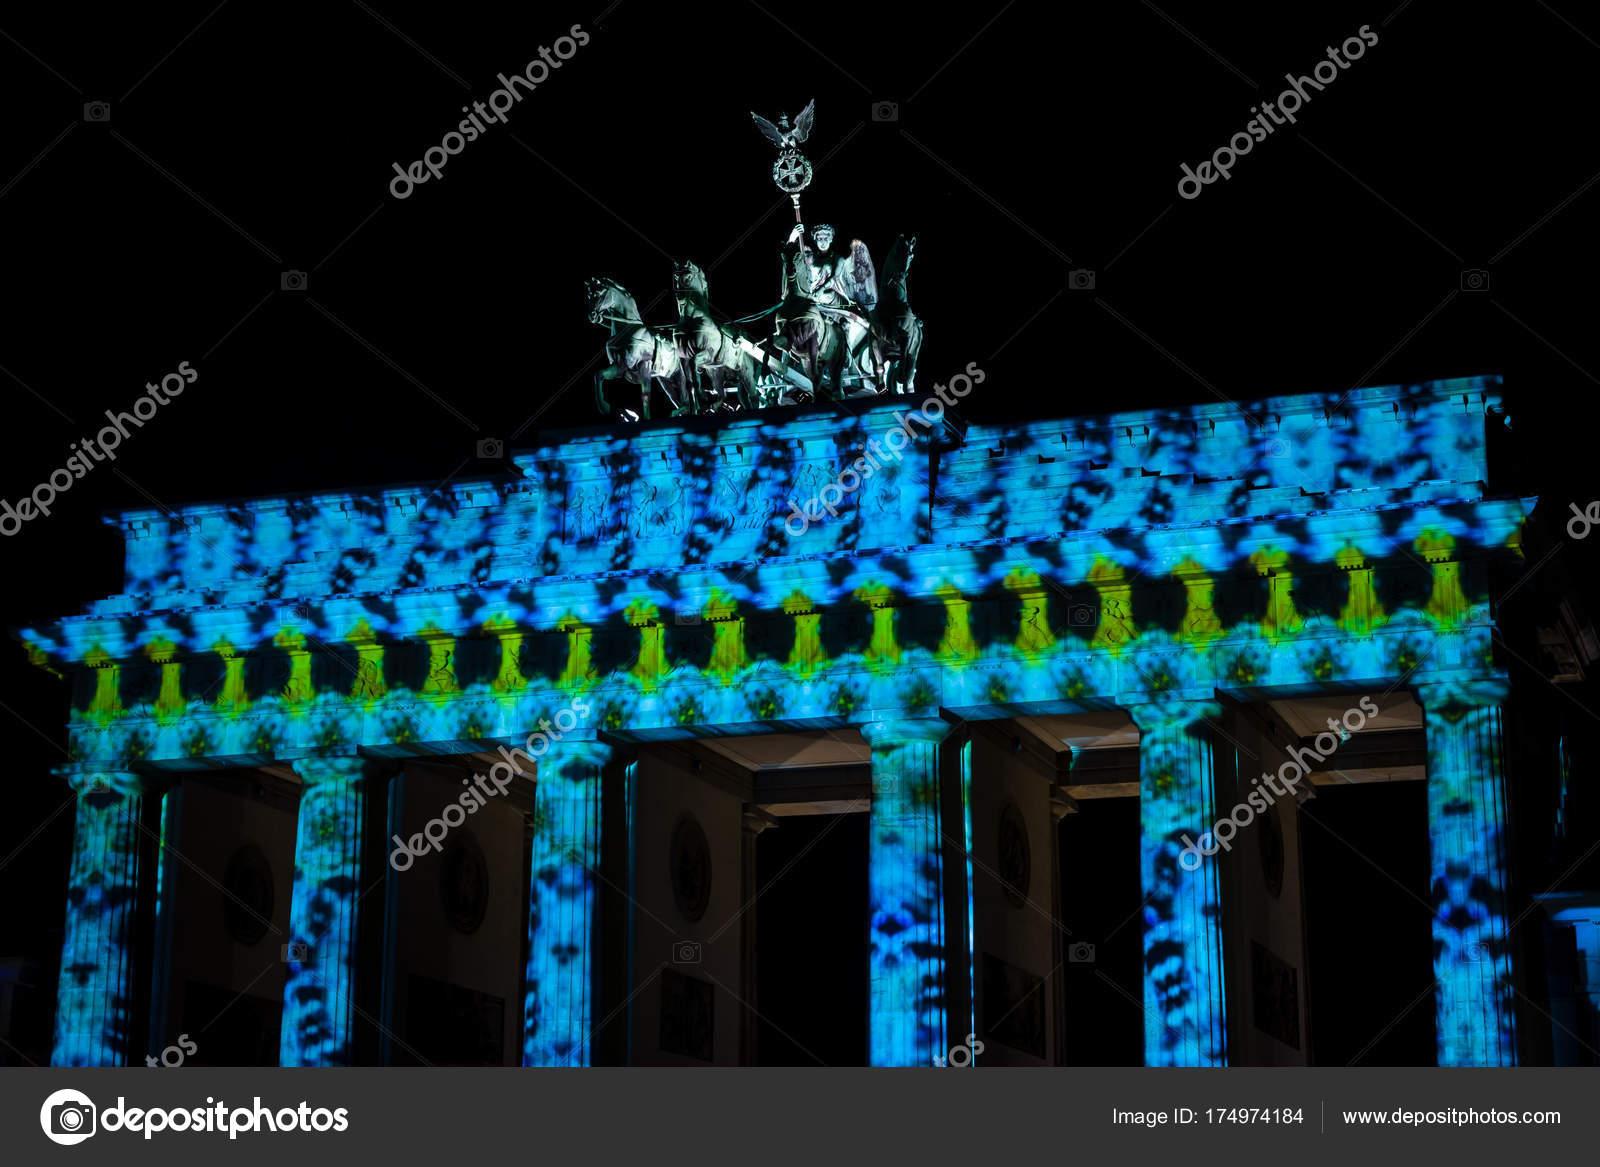 Beleuchtung Berlin | Berlin Oktober 2017 Fragment Des Brandenburger Tors Der Festival